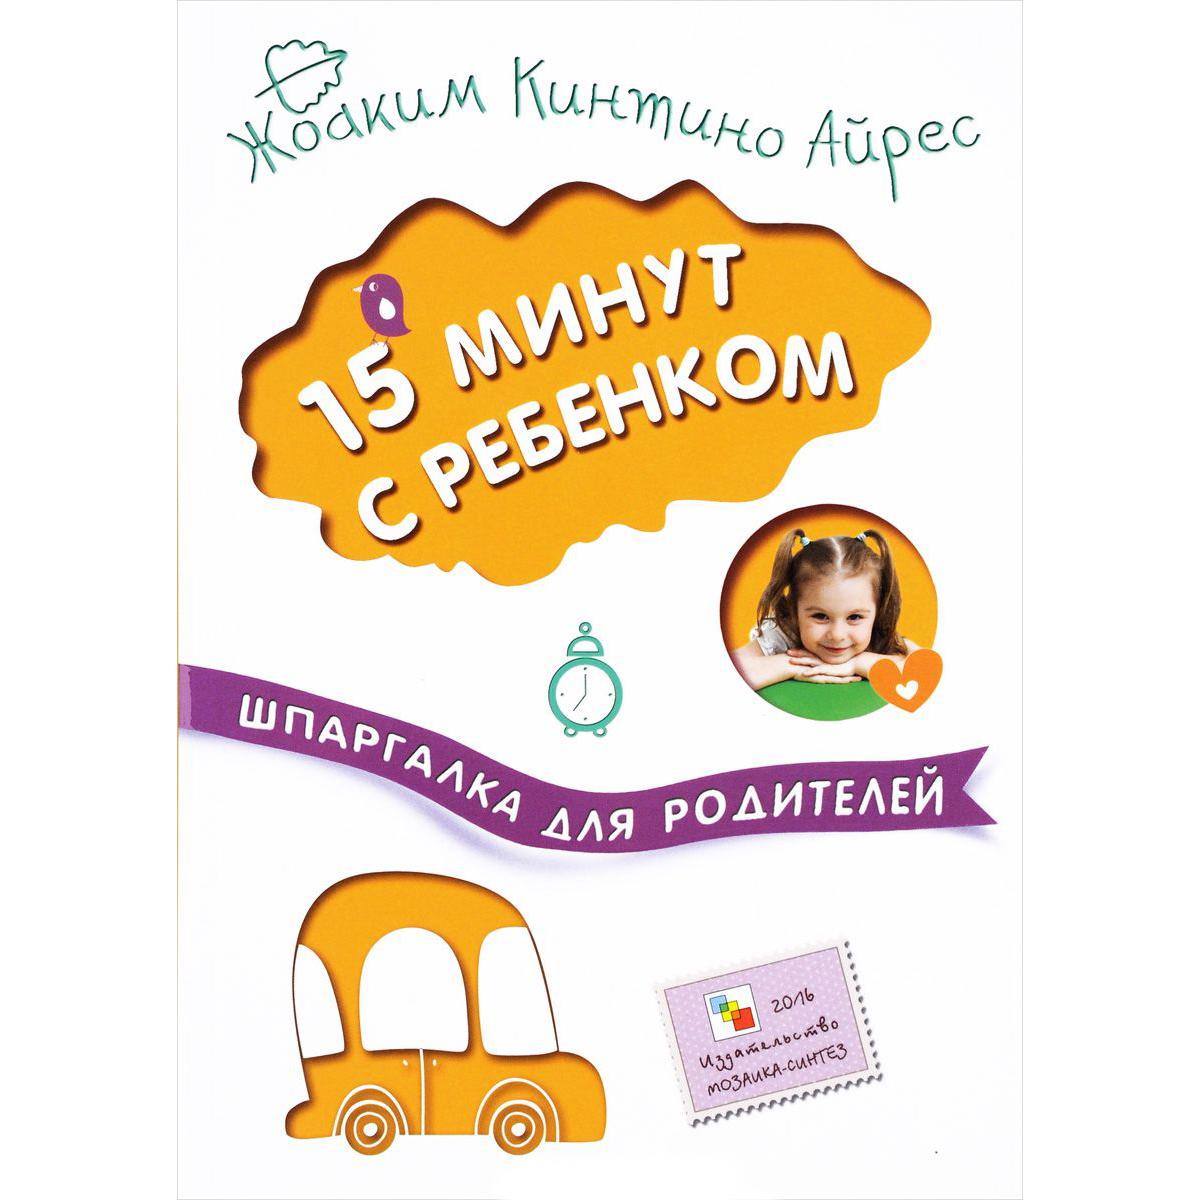 Книга - Шпаргалка для родителей. 15 минут с ребенкомЧтение для родителей<br>Книга - Шпаргалка для родителей. 15 минут с ребенком<br>